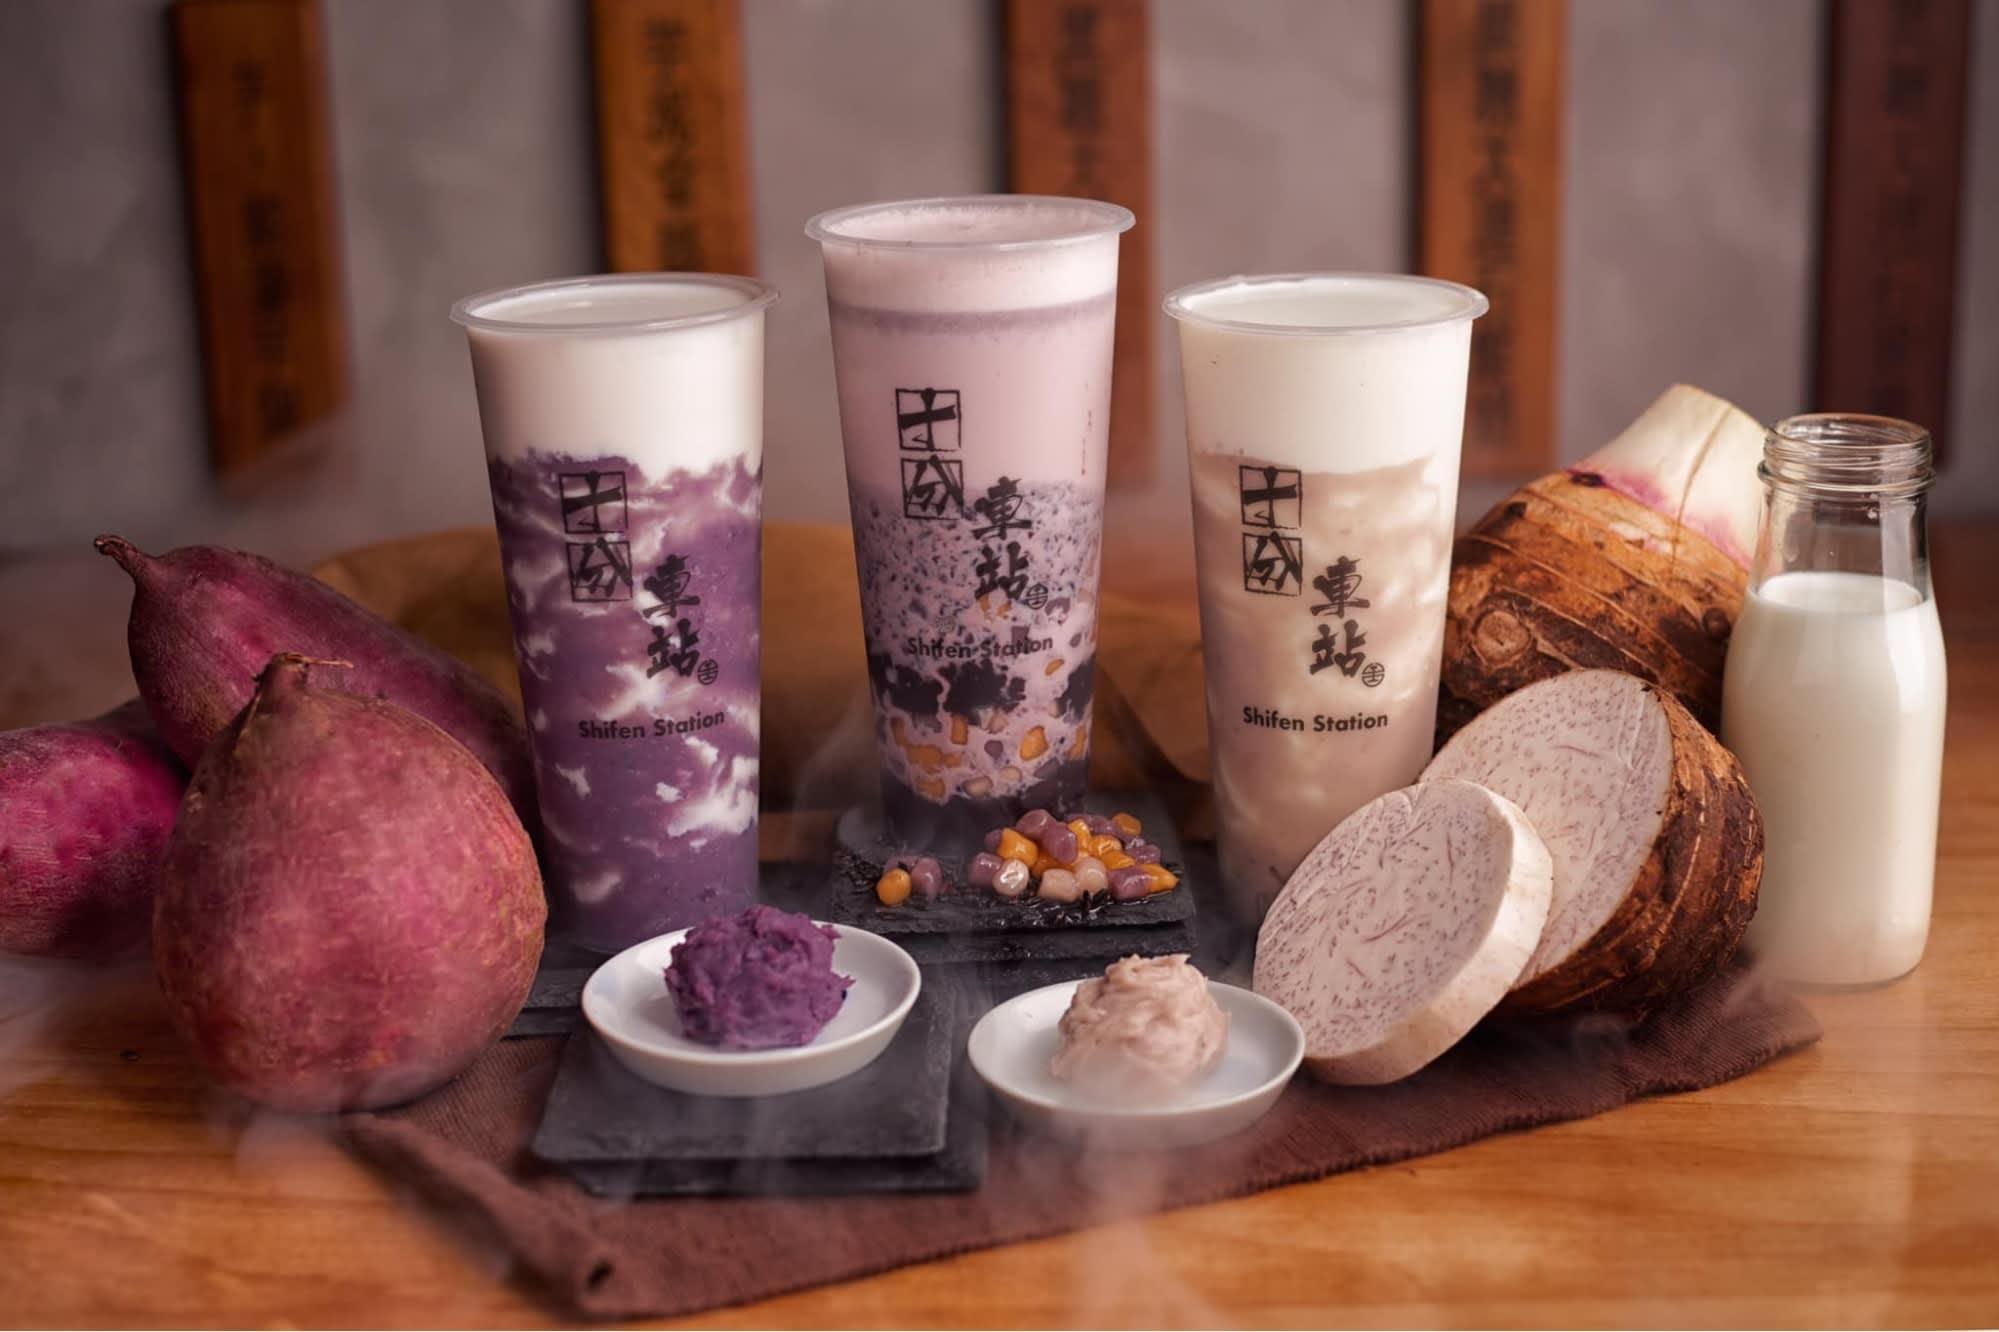 shifen station sweet potato taro puree